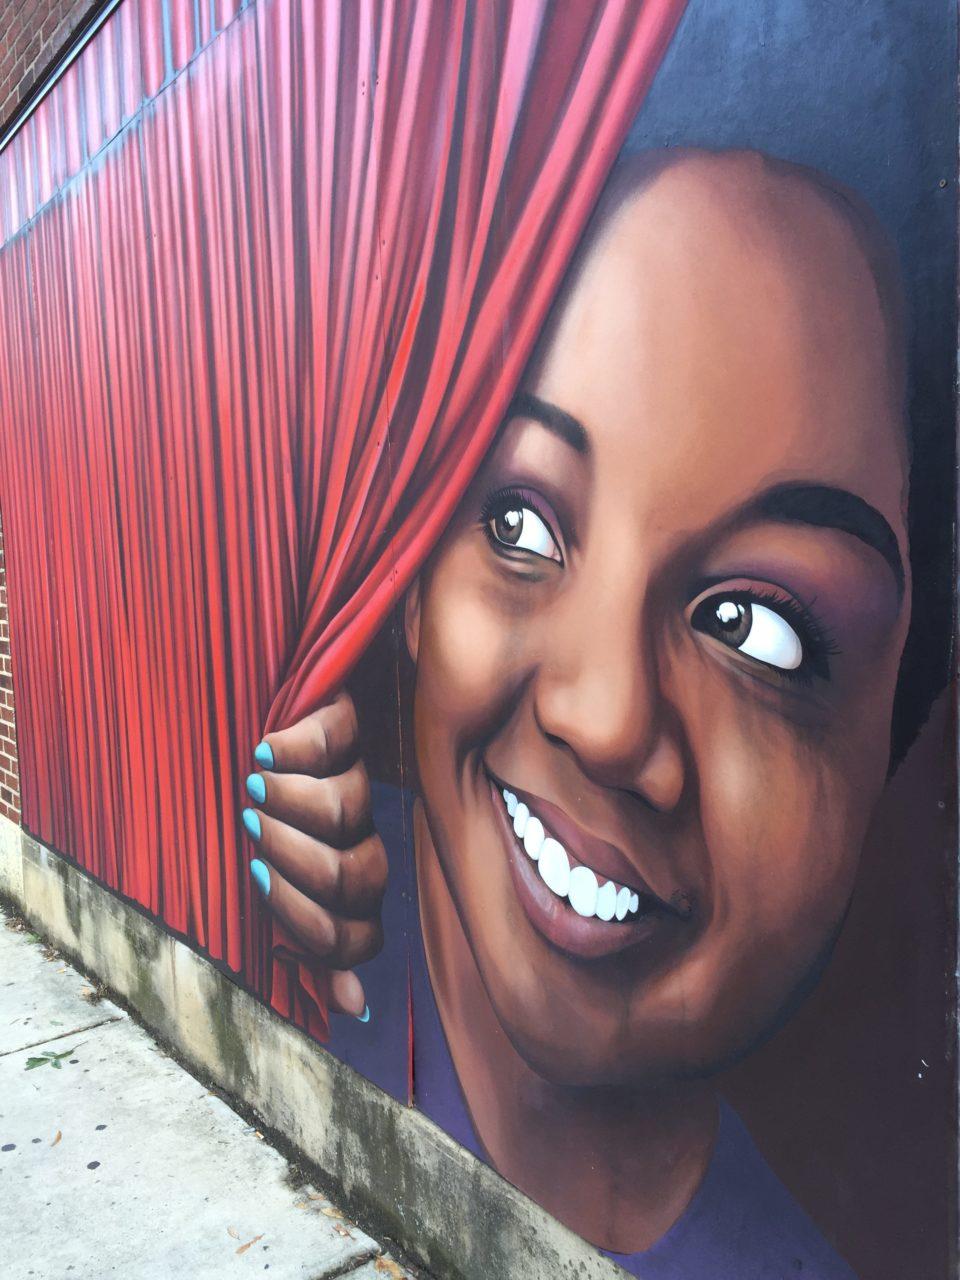 A peek behind the curtain - Mural by Matt Hooker and Matt Moore